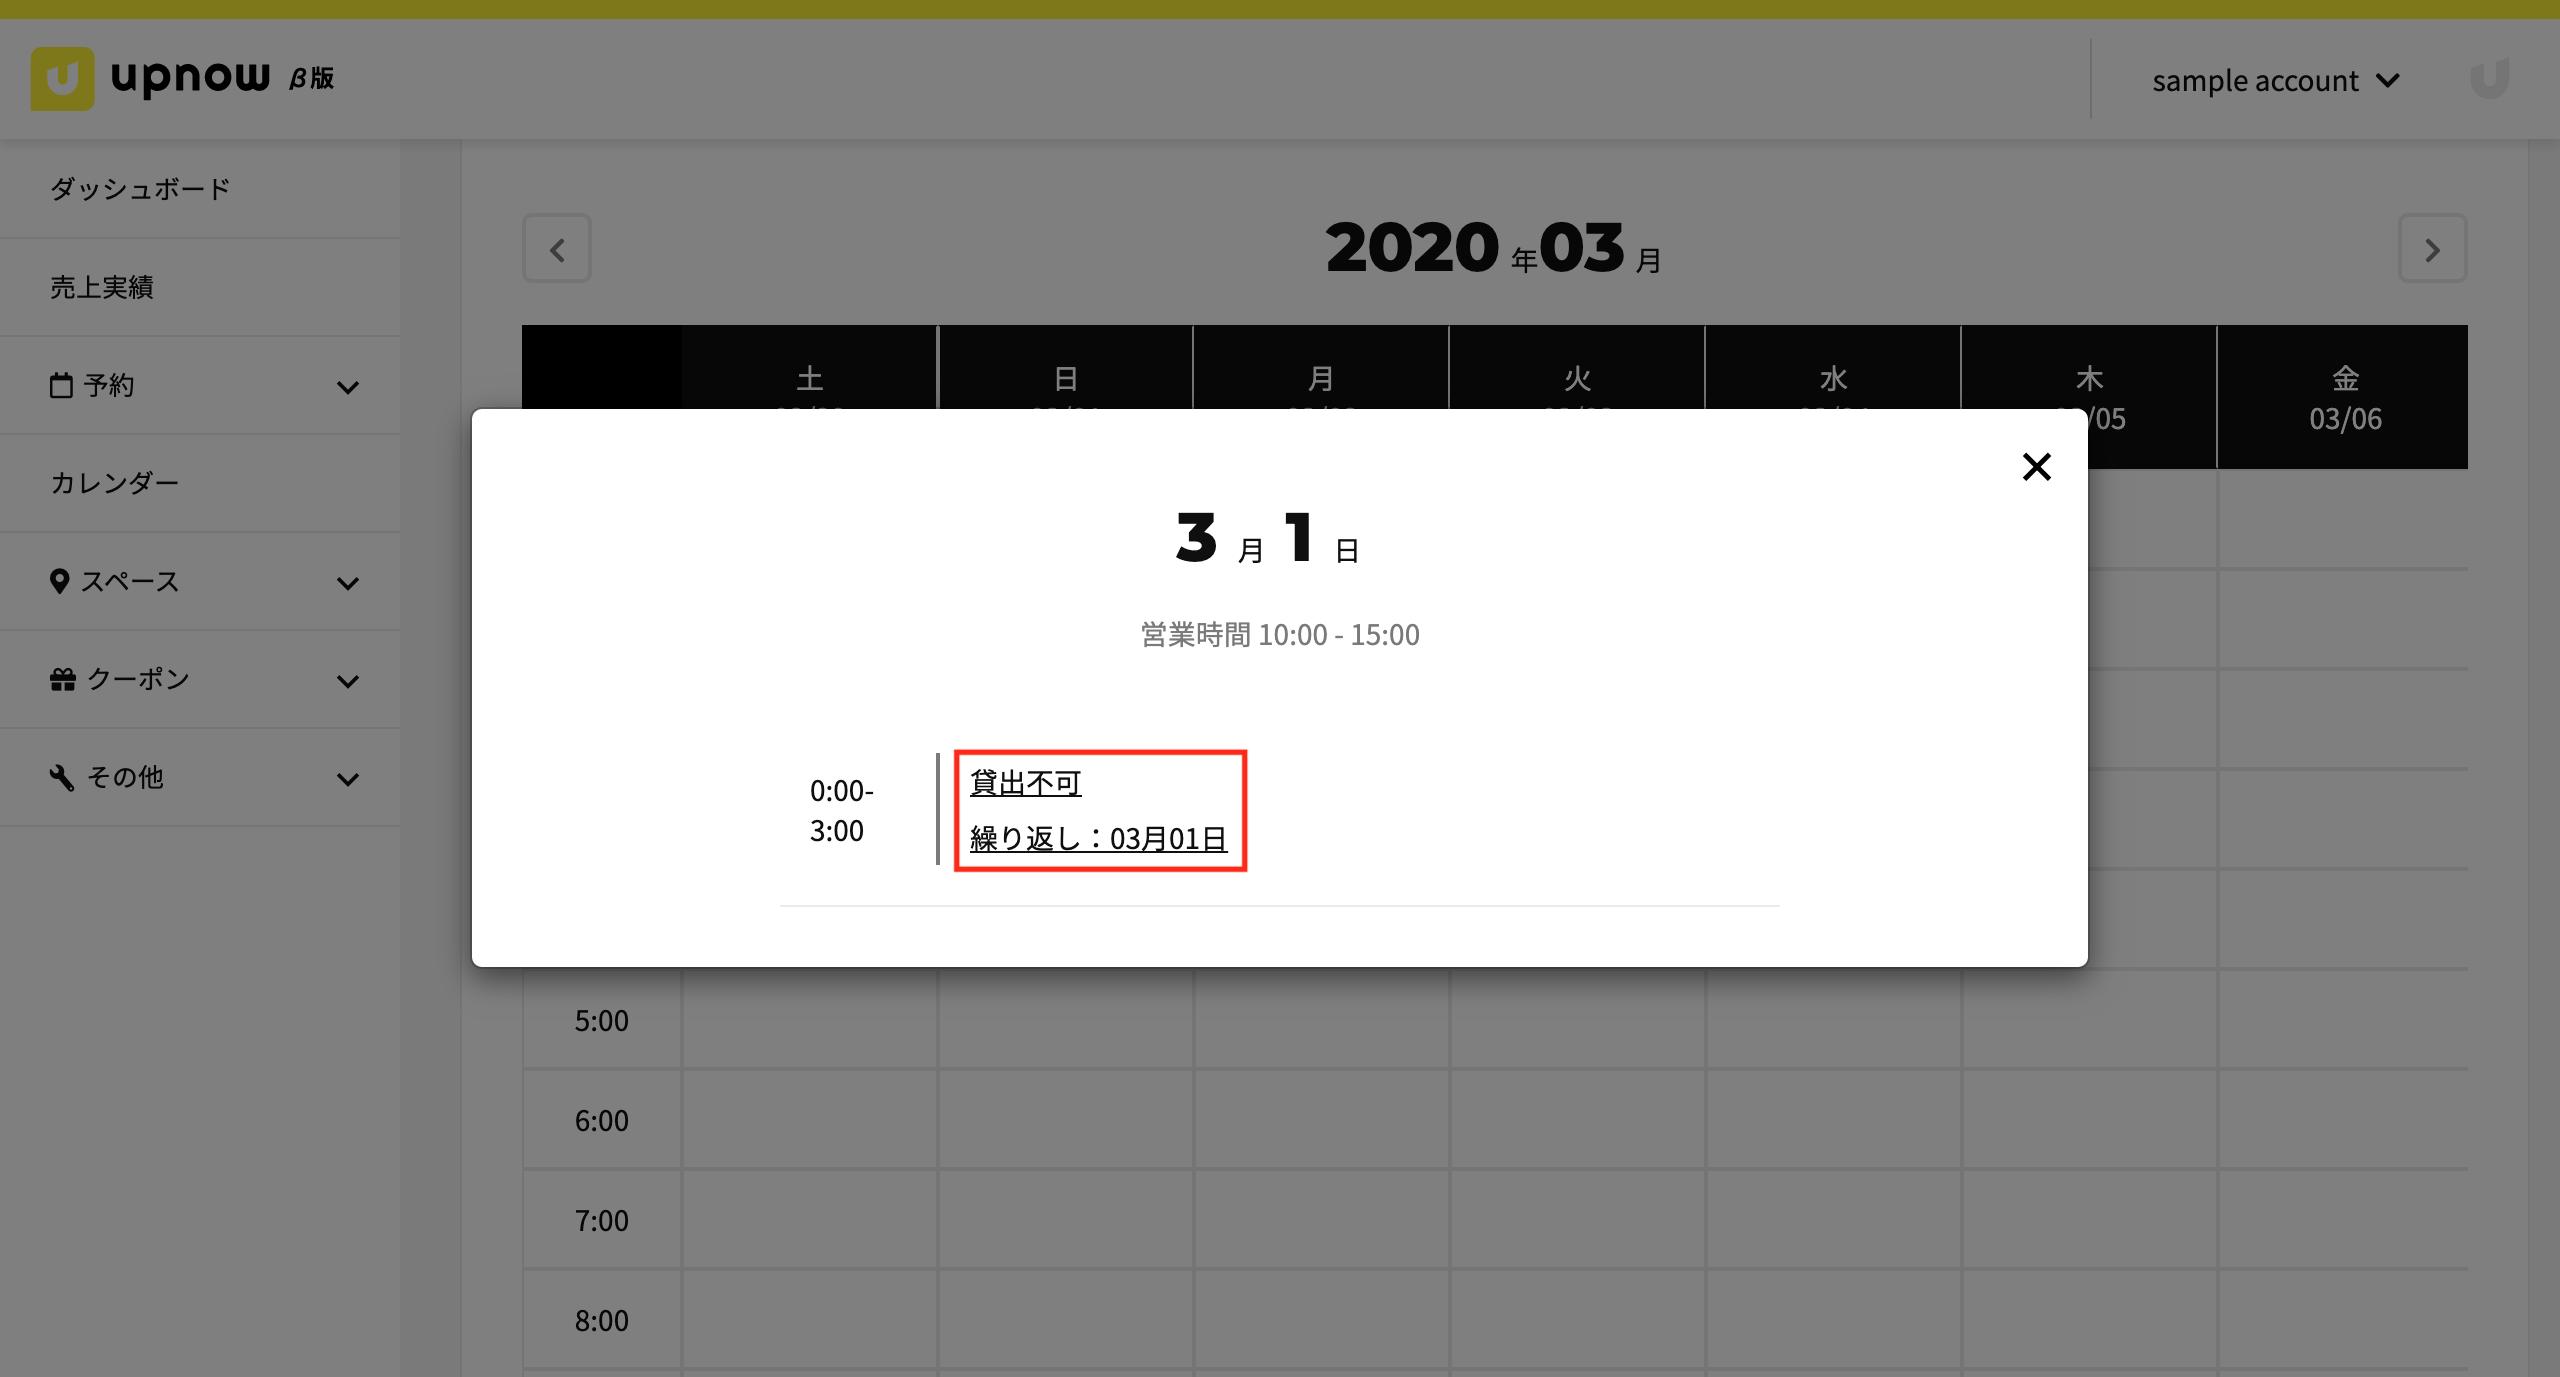 スクリーンショット 2020-01-10 15.39.13.png